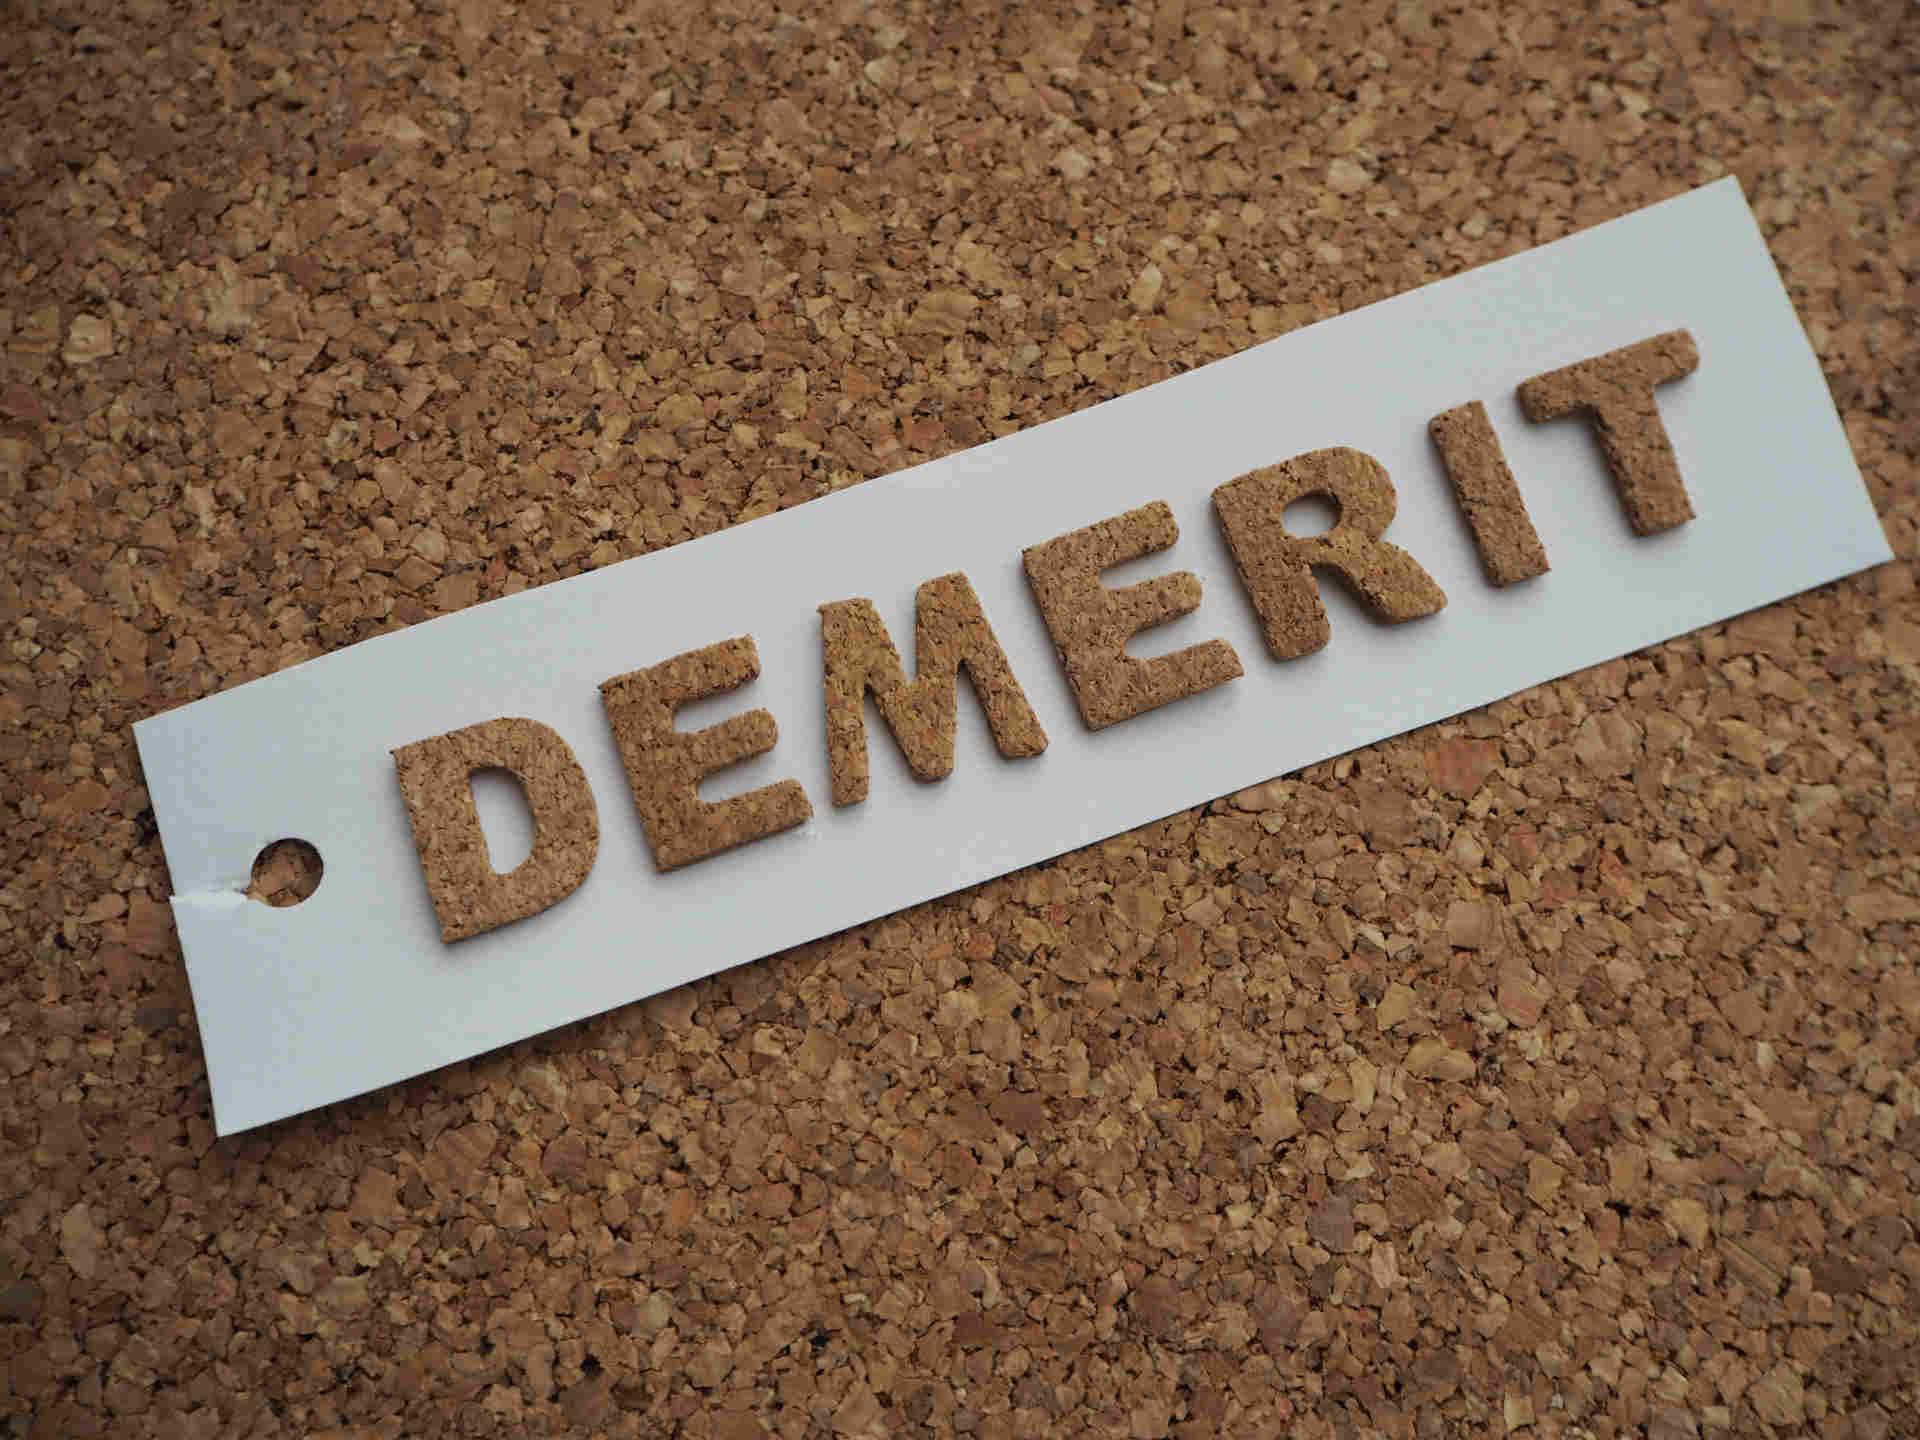 コルクボードに貼られたデメリットの文字